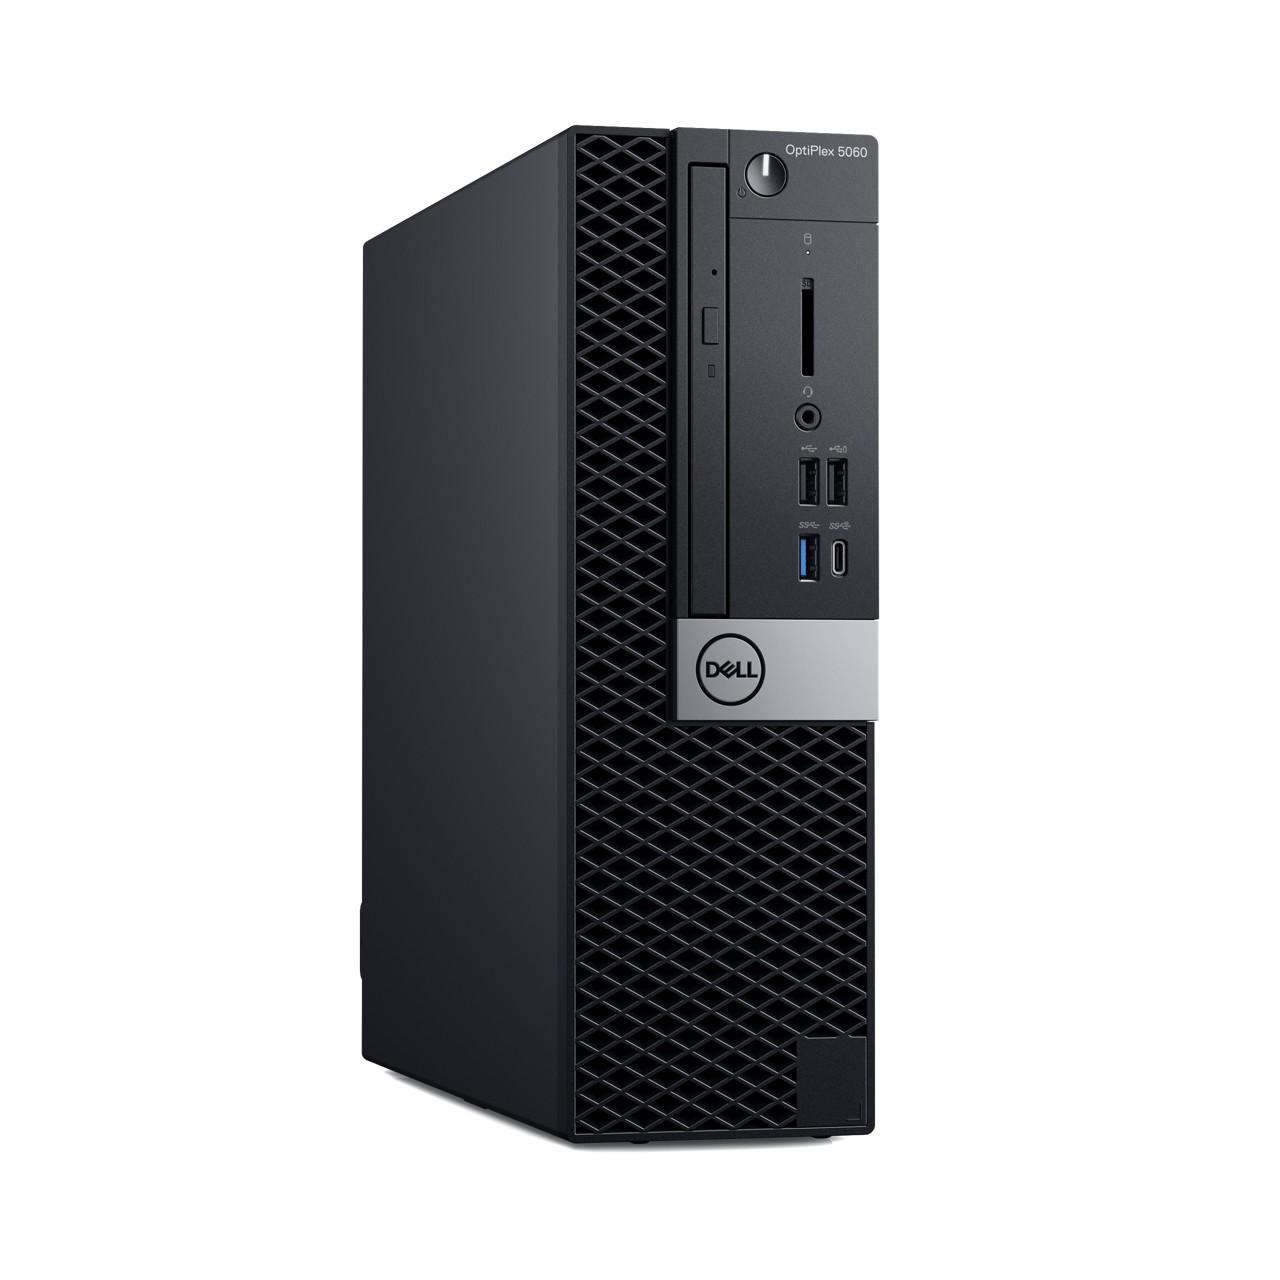 Dell: Neue Optiplex-Systeme in drei Größen und mit Dual-GPUs - Optiplex 5060 Small Form Factor (Bild: Dell)